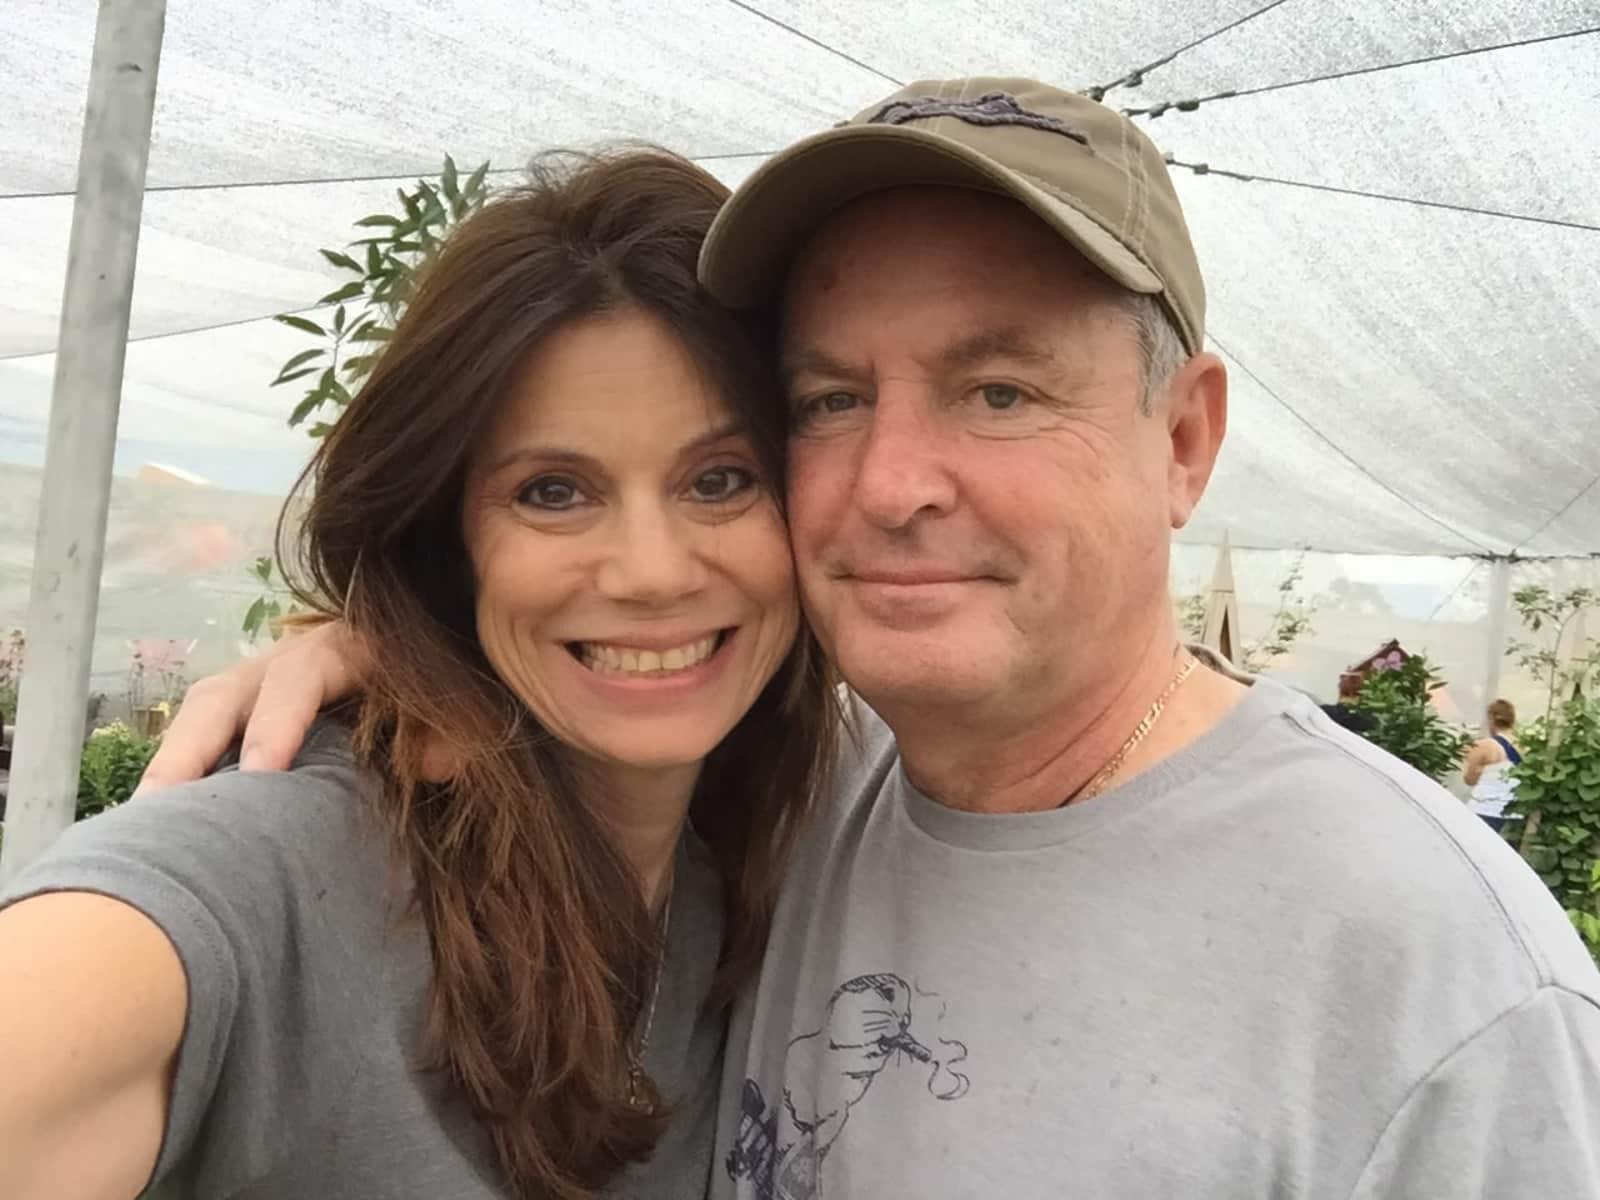 Barbara & Eamonn from Bradenton, Florida, United States